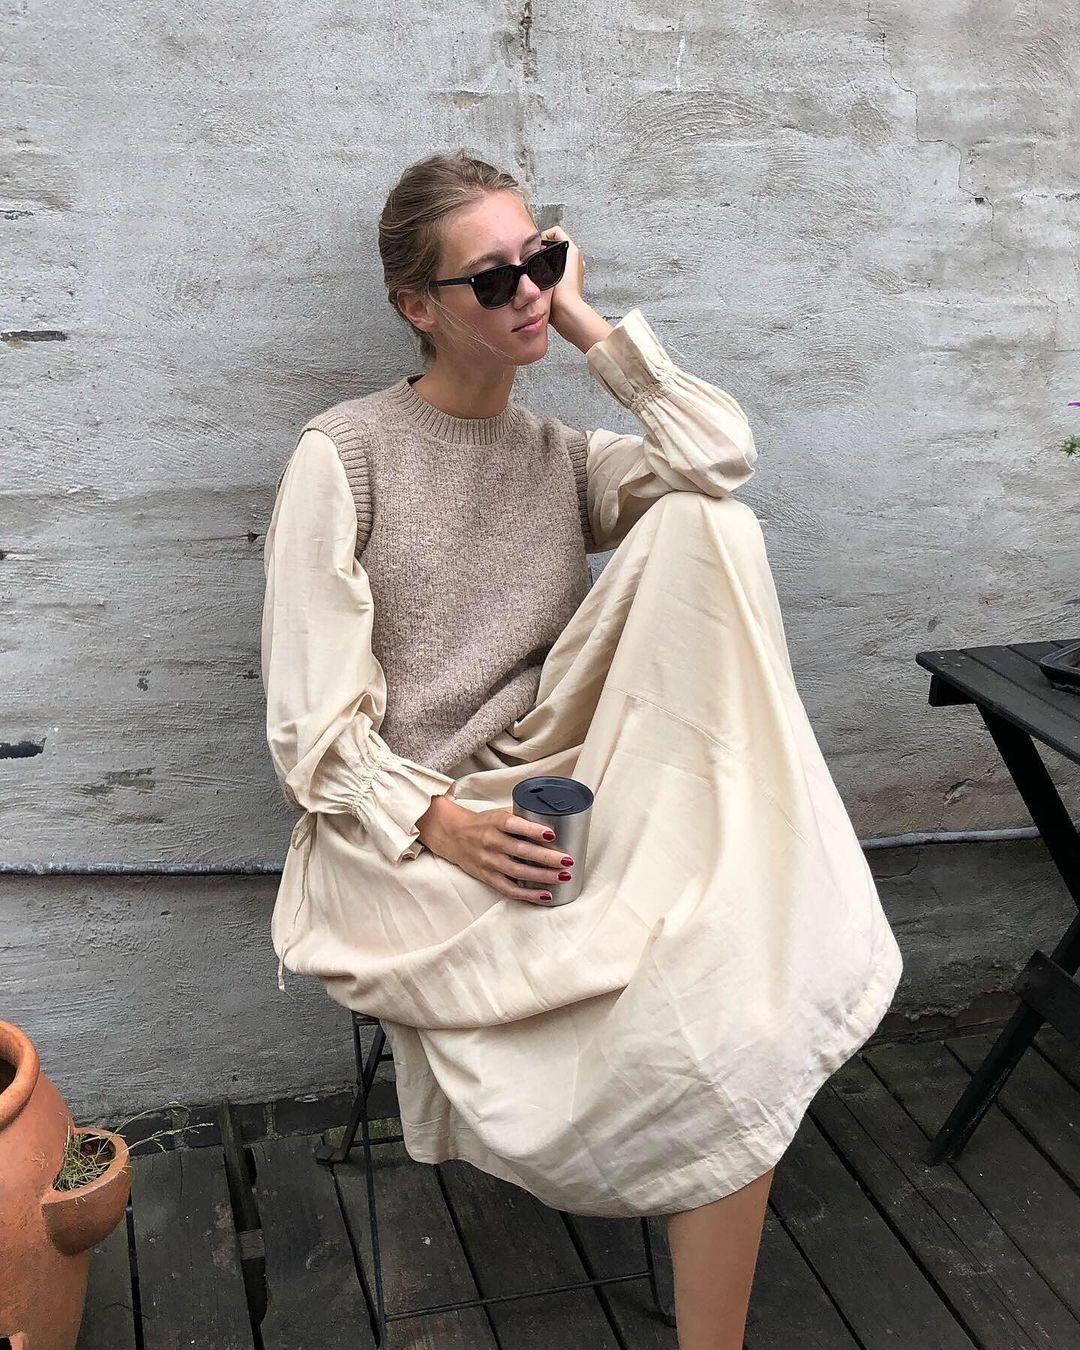 Phong cách thời trang Bắc Âu: Style dành cho mọi cô nàng vì lên đồ tinh giản nhưng có thừa độ thanh lịch và tinh tế - 7